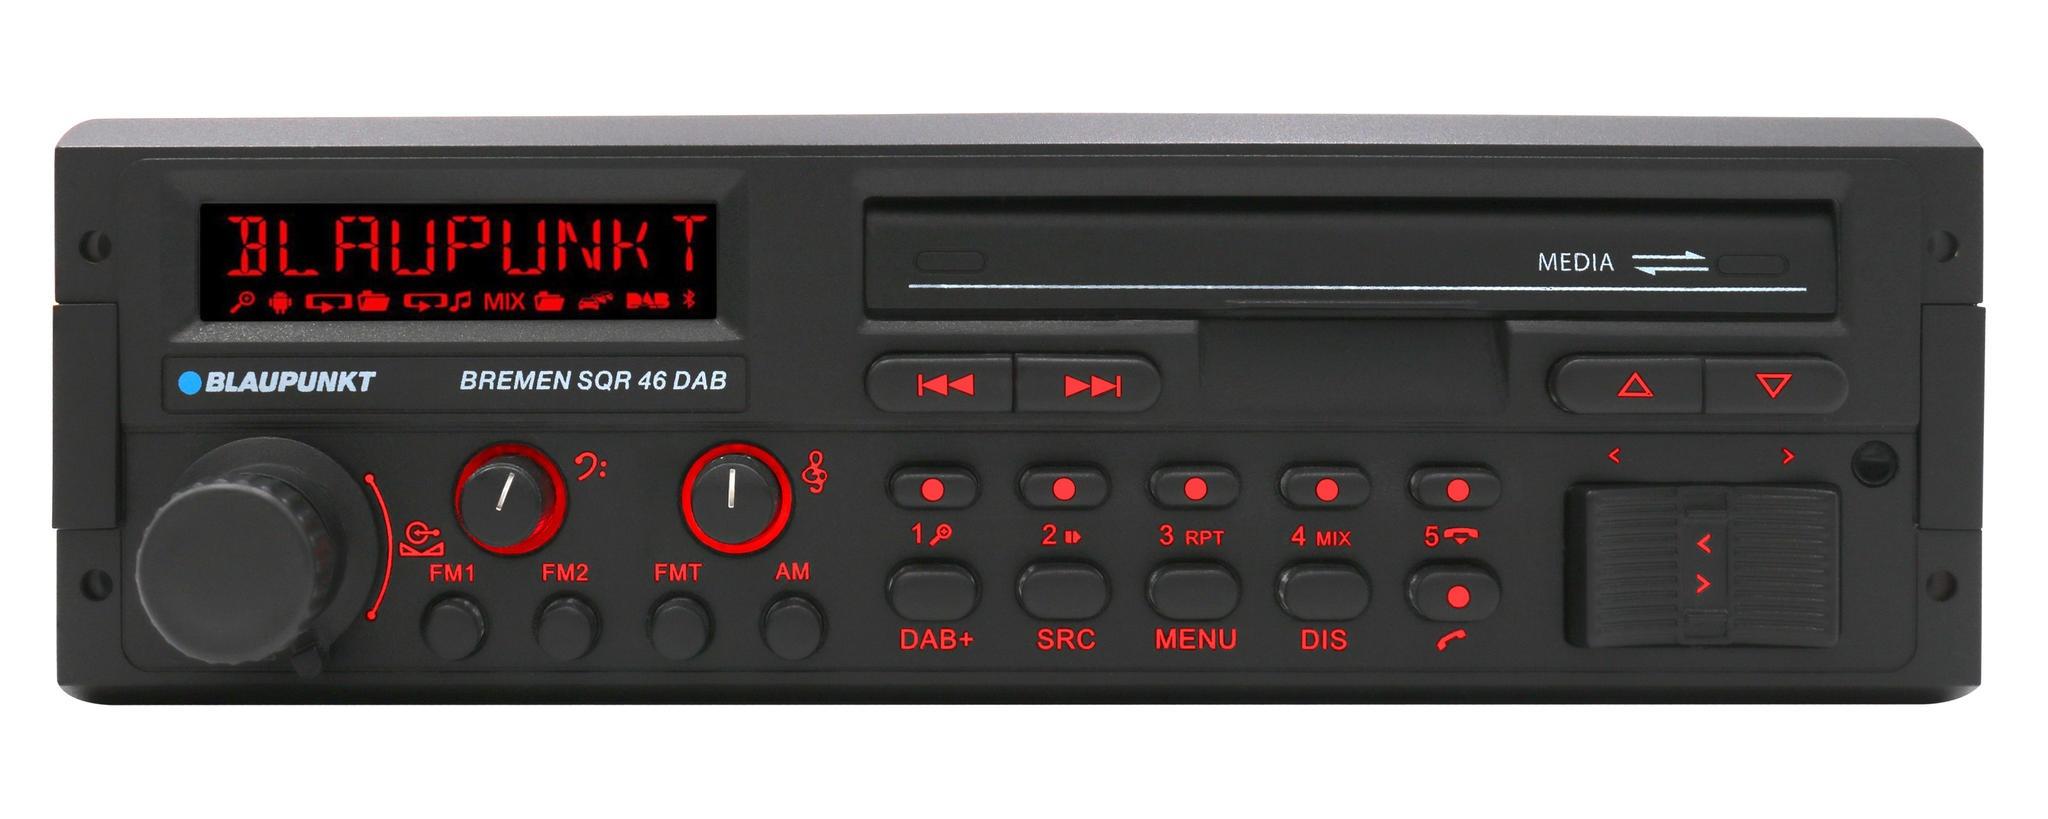 blaupunkt radio (1)